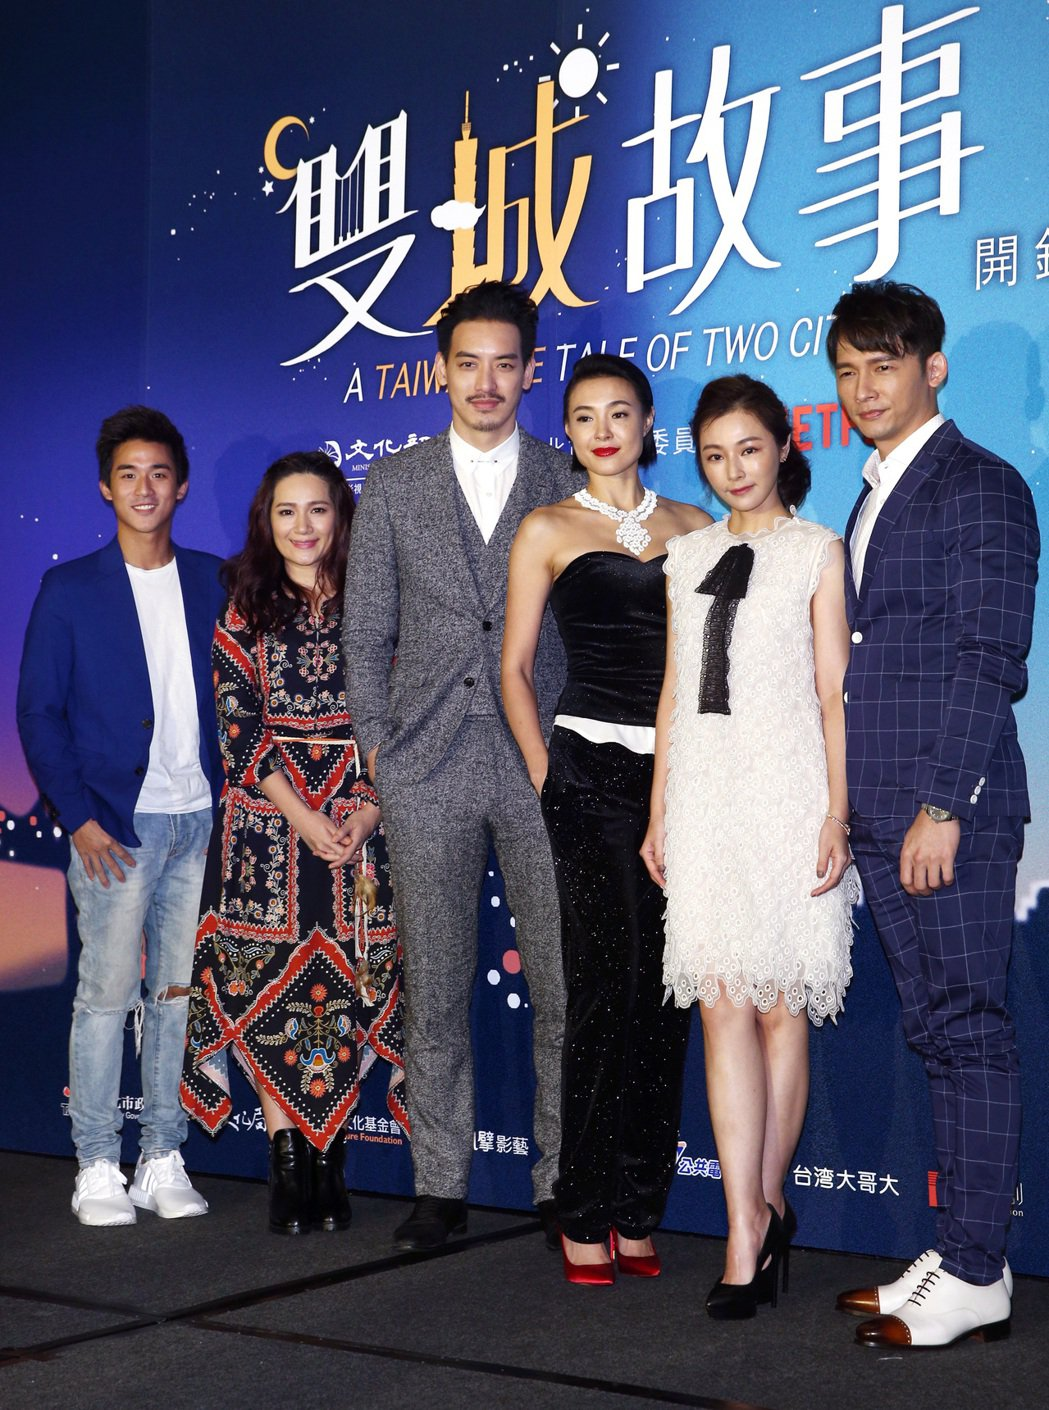 溫昇豪(右起)、陳怡蓉、曾珮瑜、黃柏鈞、羅美玲與李博翔一起出席跨國影集「雙城故事